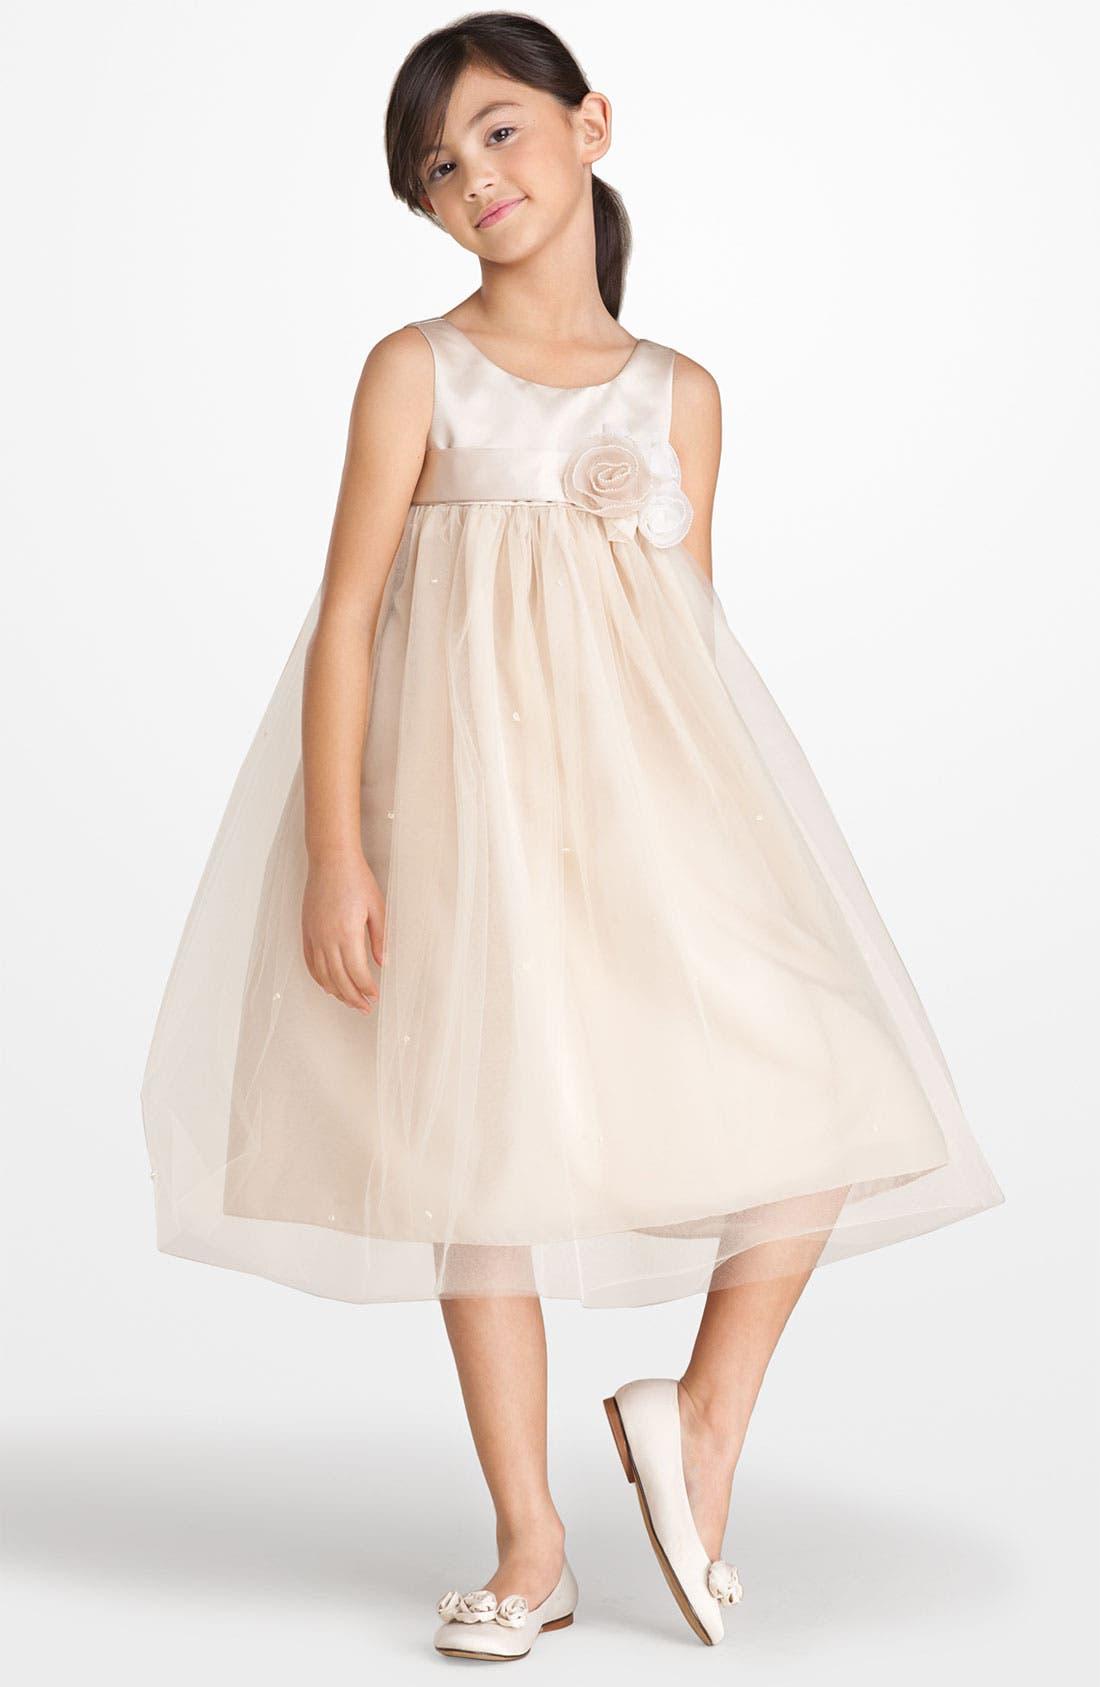 Alternate Image 1 Selected - Us Angels Sleeveless Satin & Tulle Dress (Little Girls)